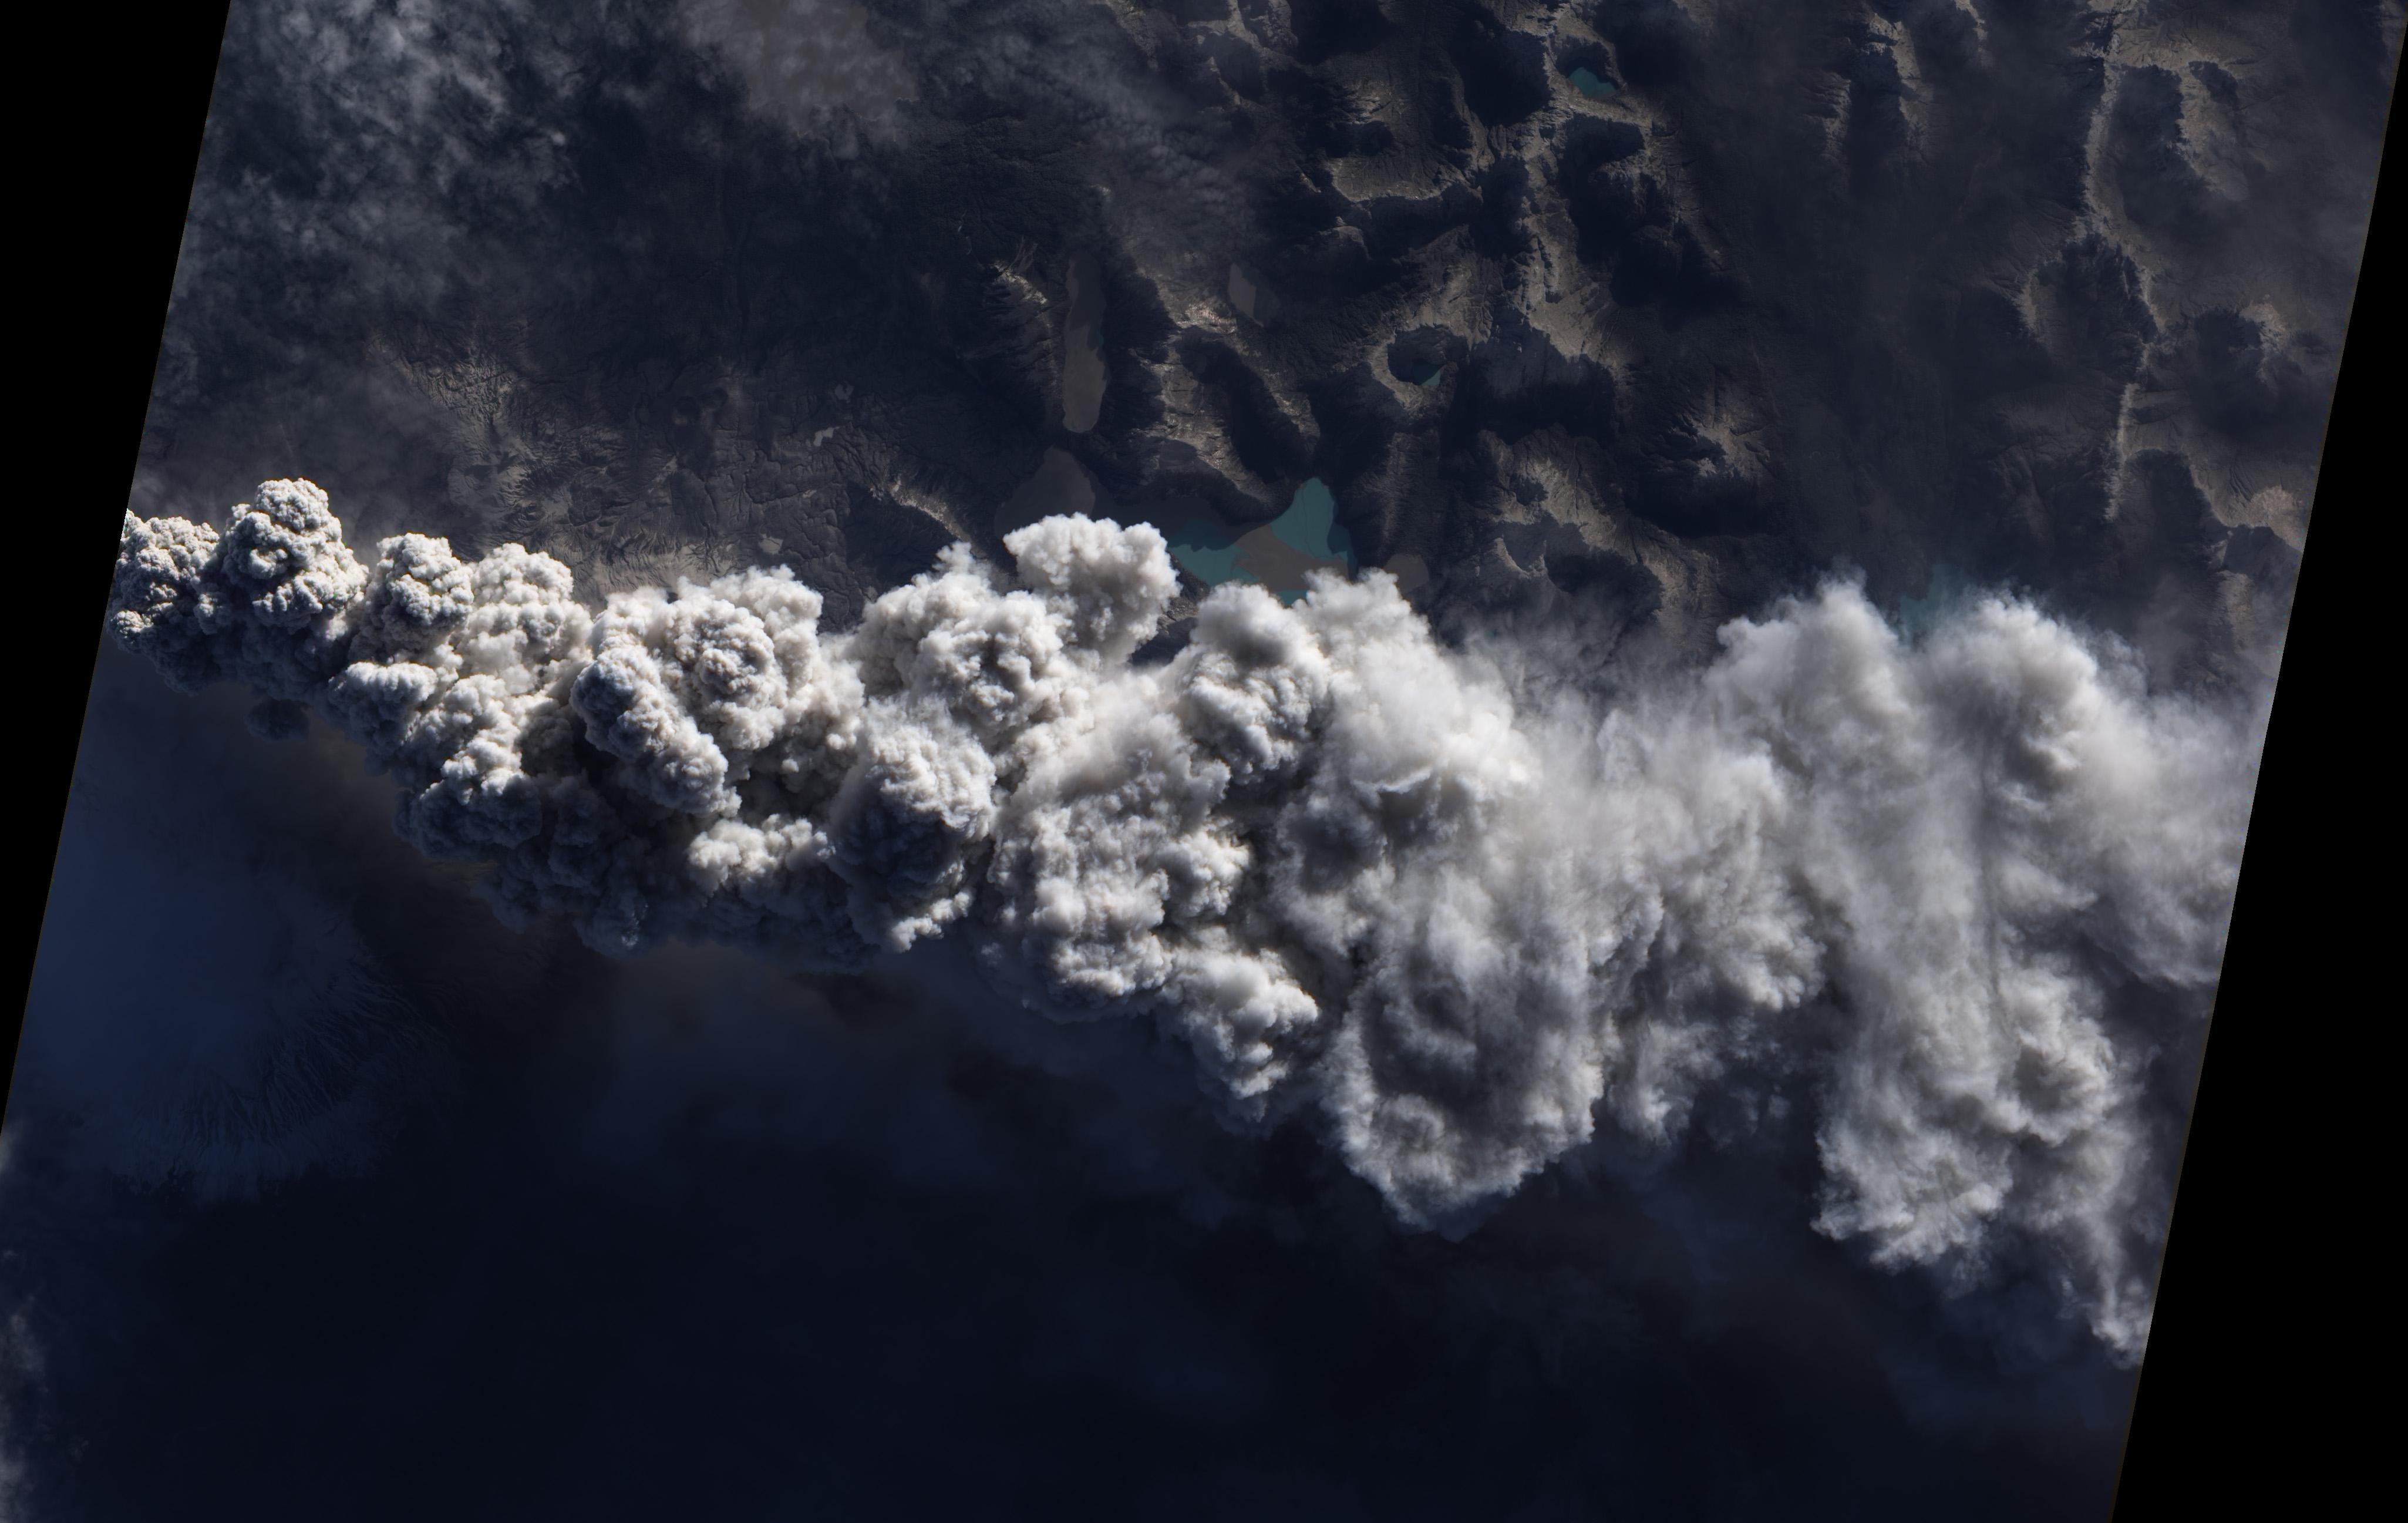 Извержение чилийского вулкана Puyehue-Cordon